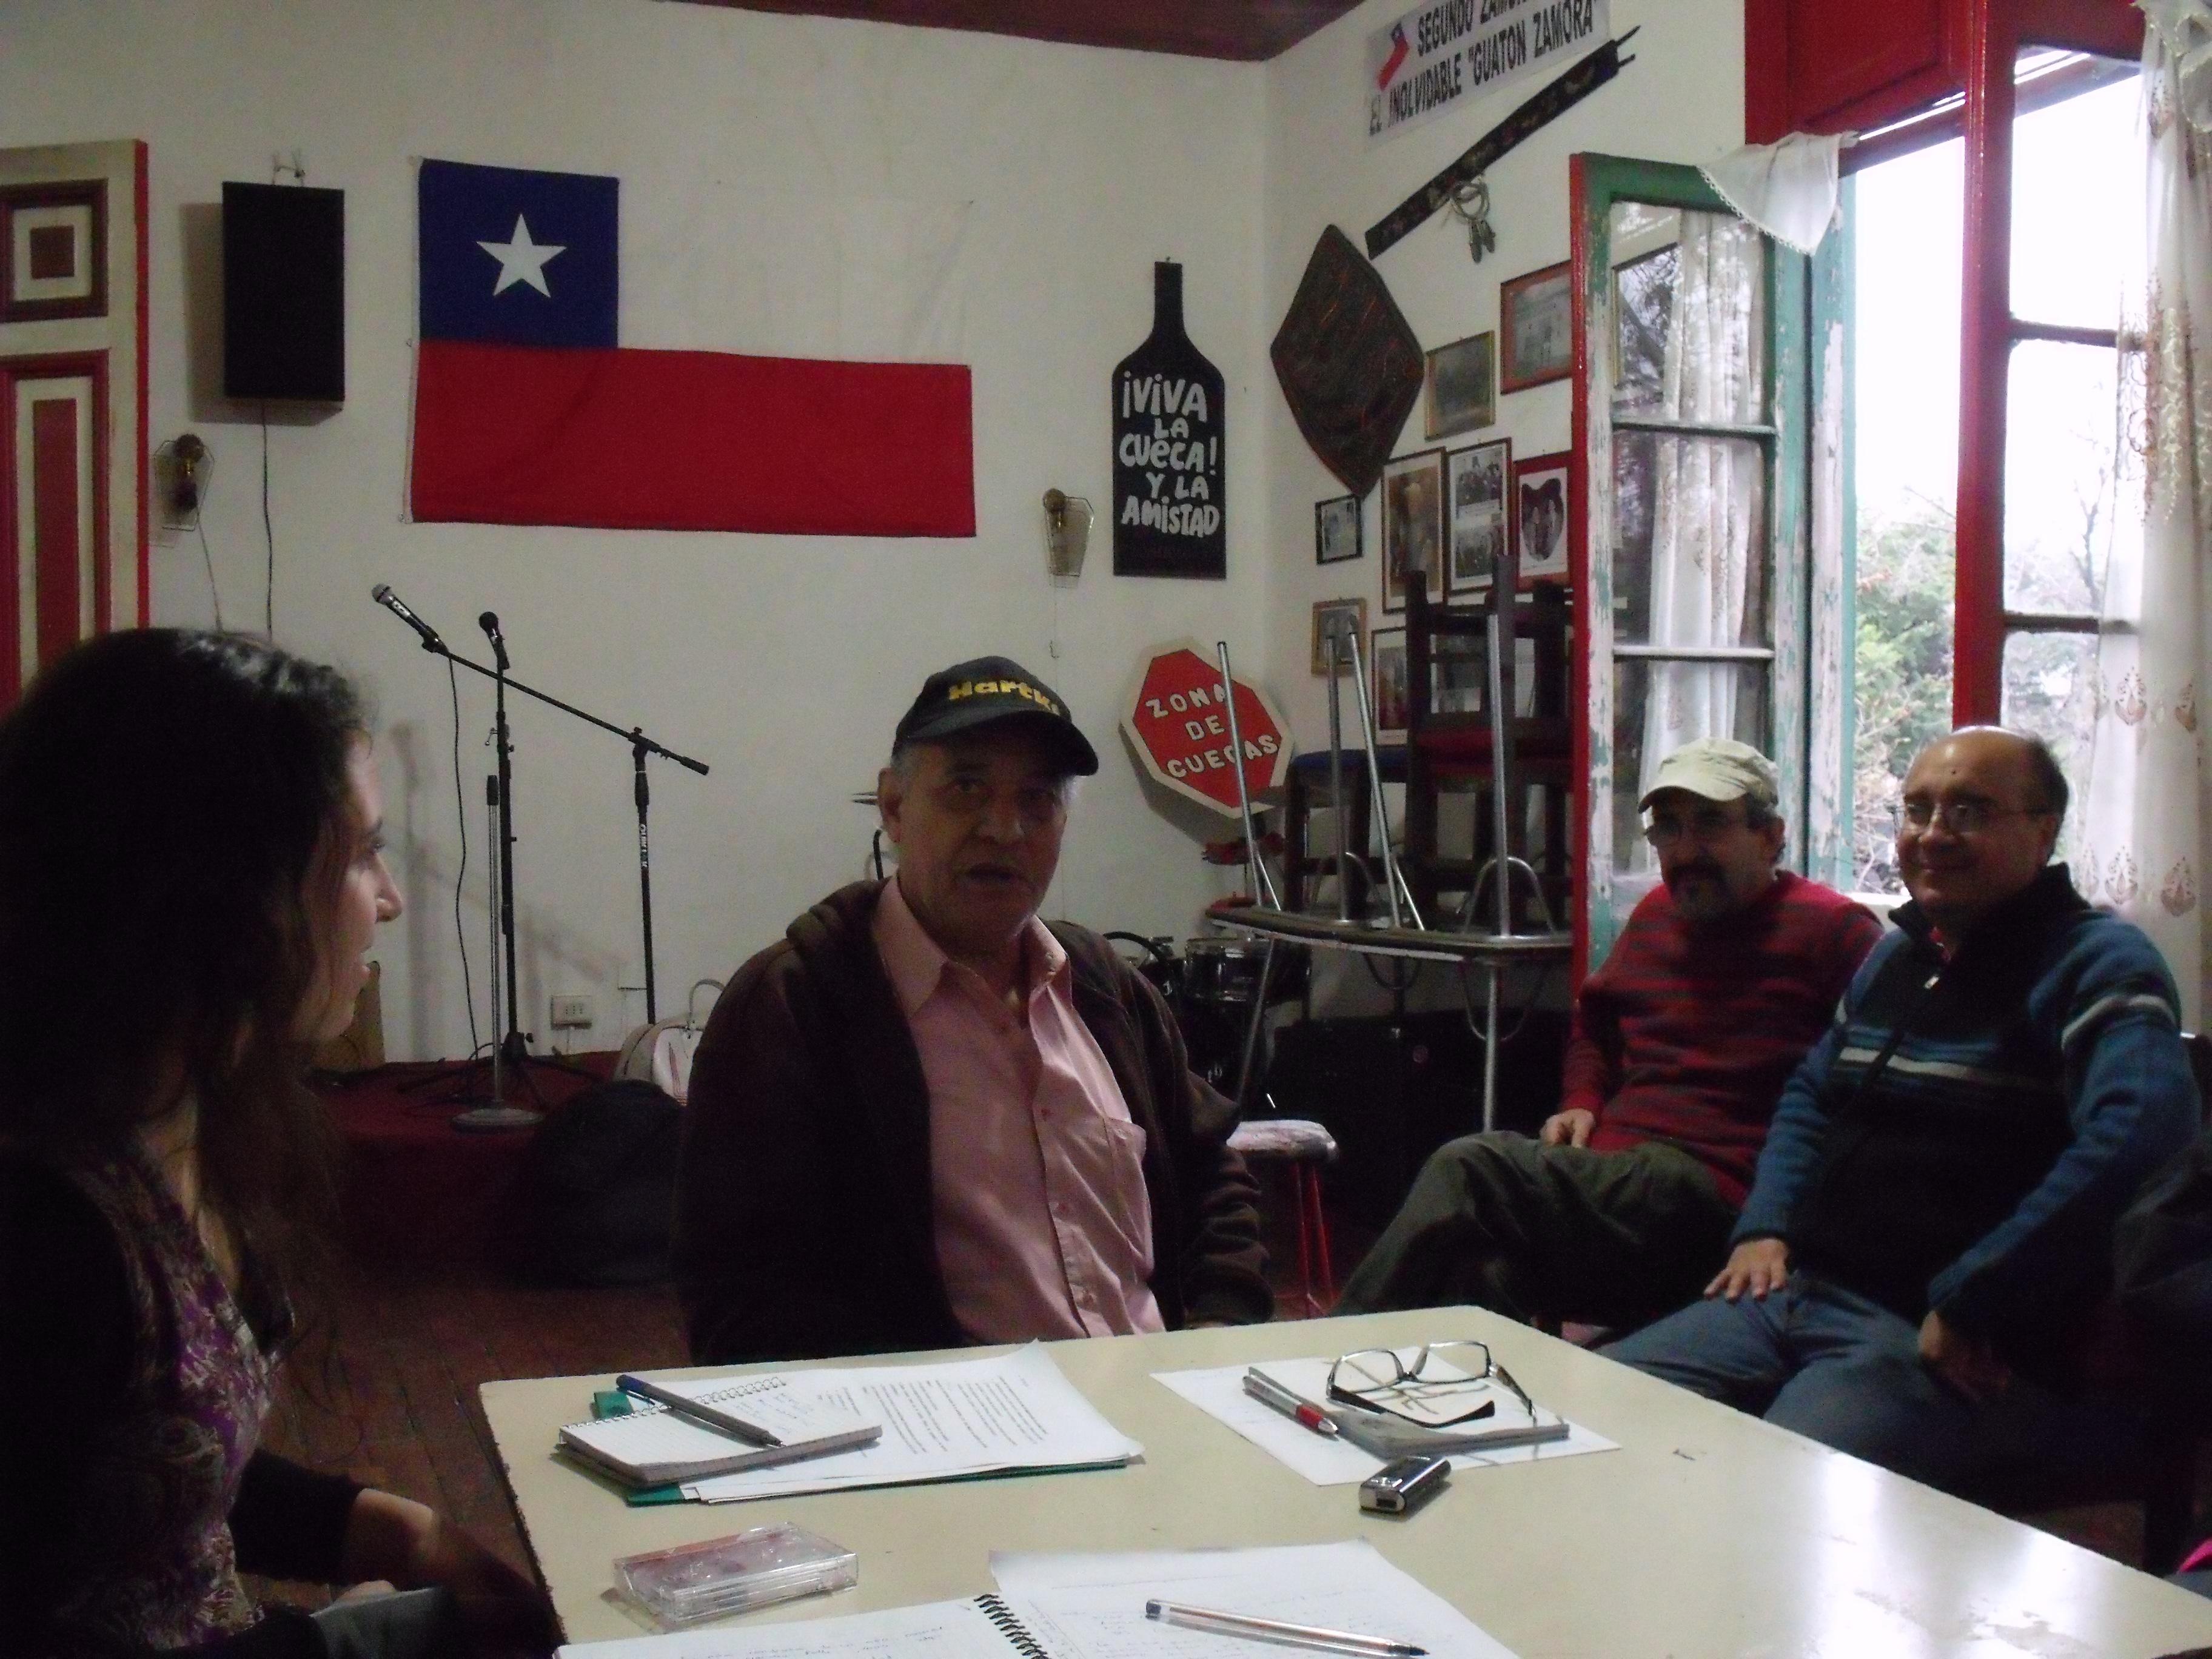 Entrevistando a Adelqui Silva, junto a algunos de Los Rumberos del 900, Santiago 2010. Foto: Tiesos pero cumbiancheros